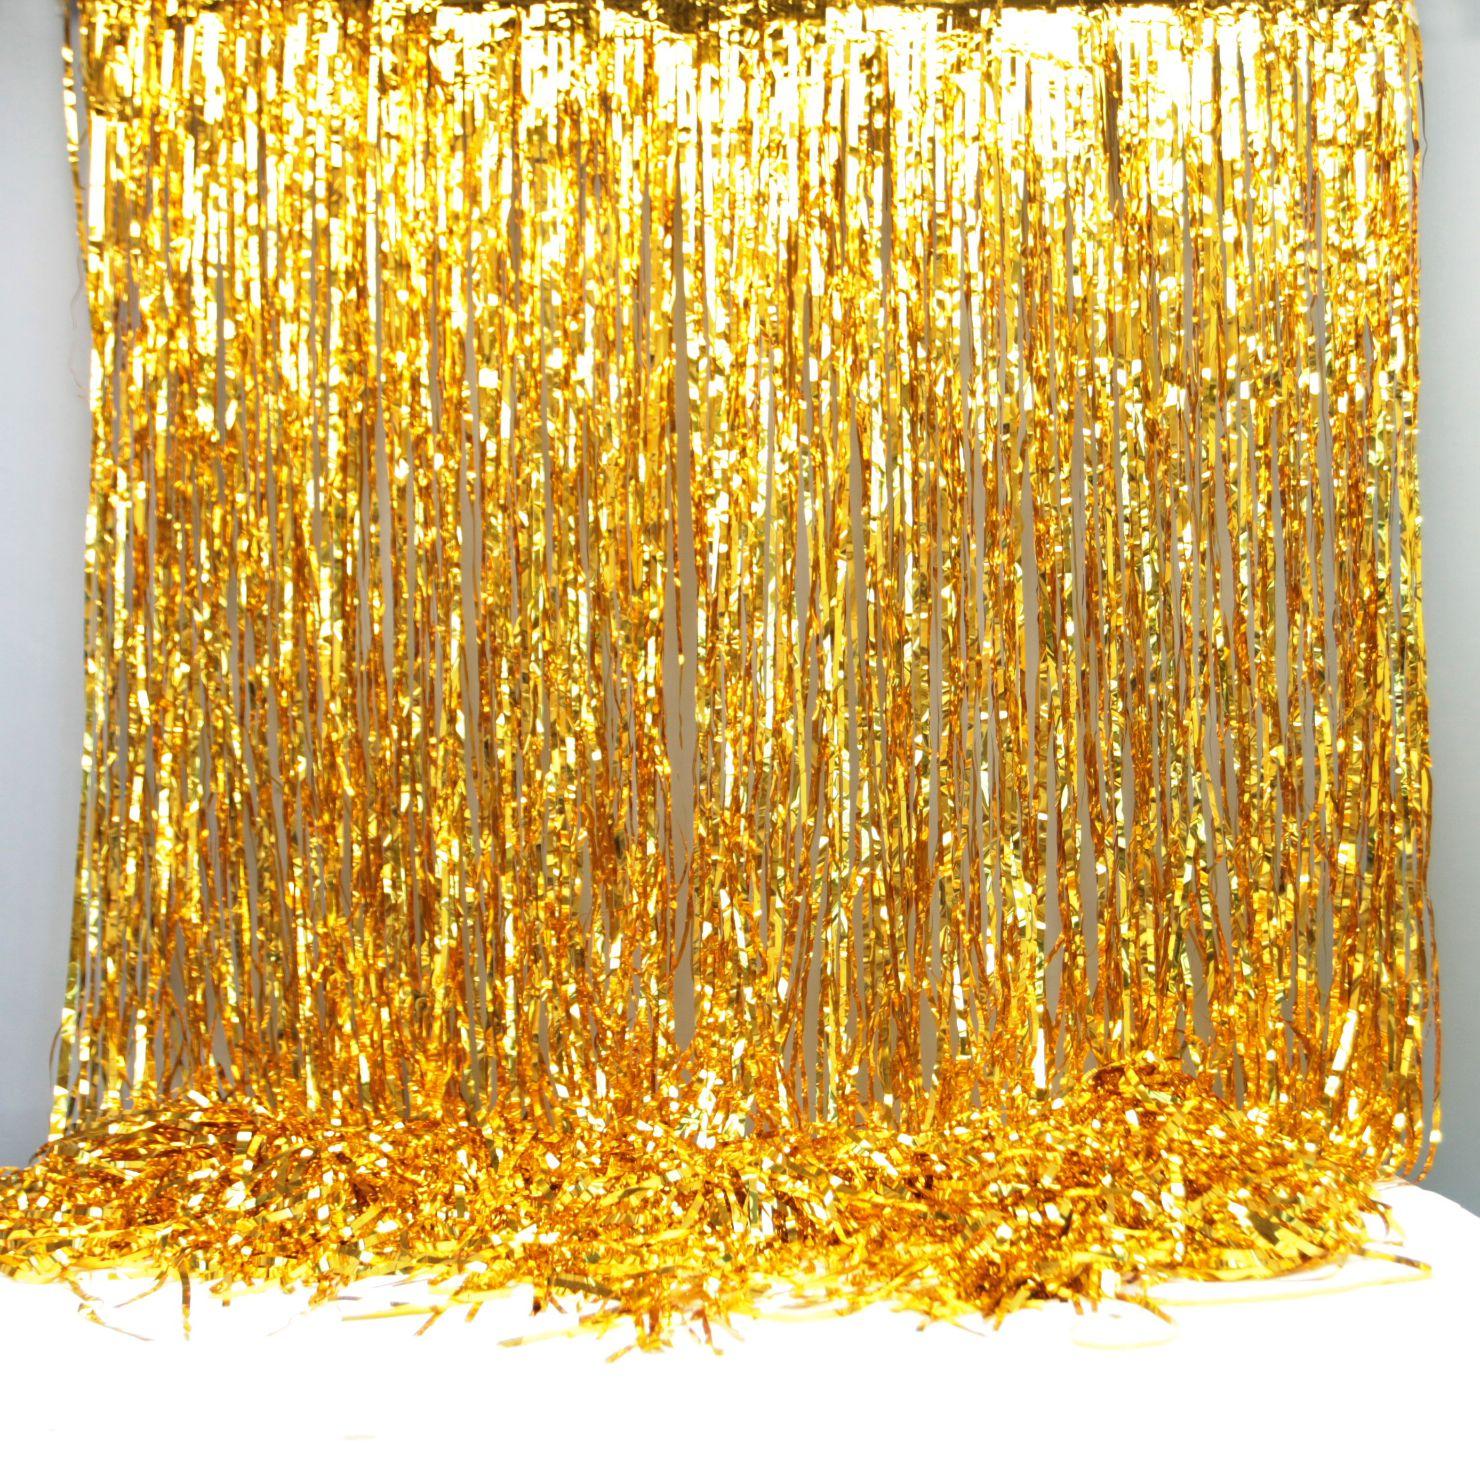 Gold Foil Party Curtain Backdrop Decoration Gold Foil Party